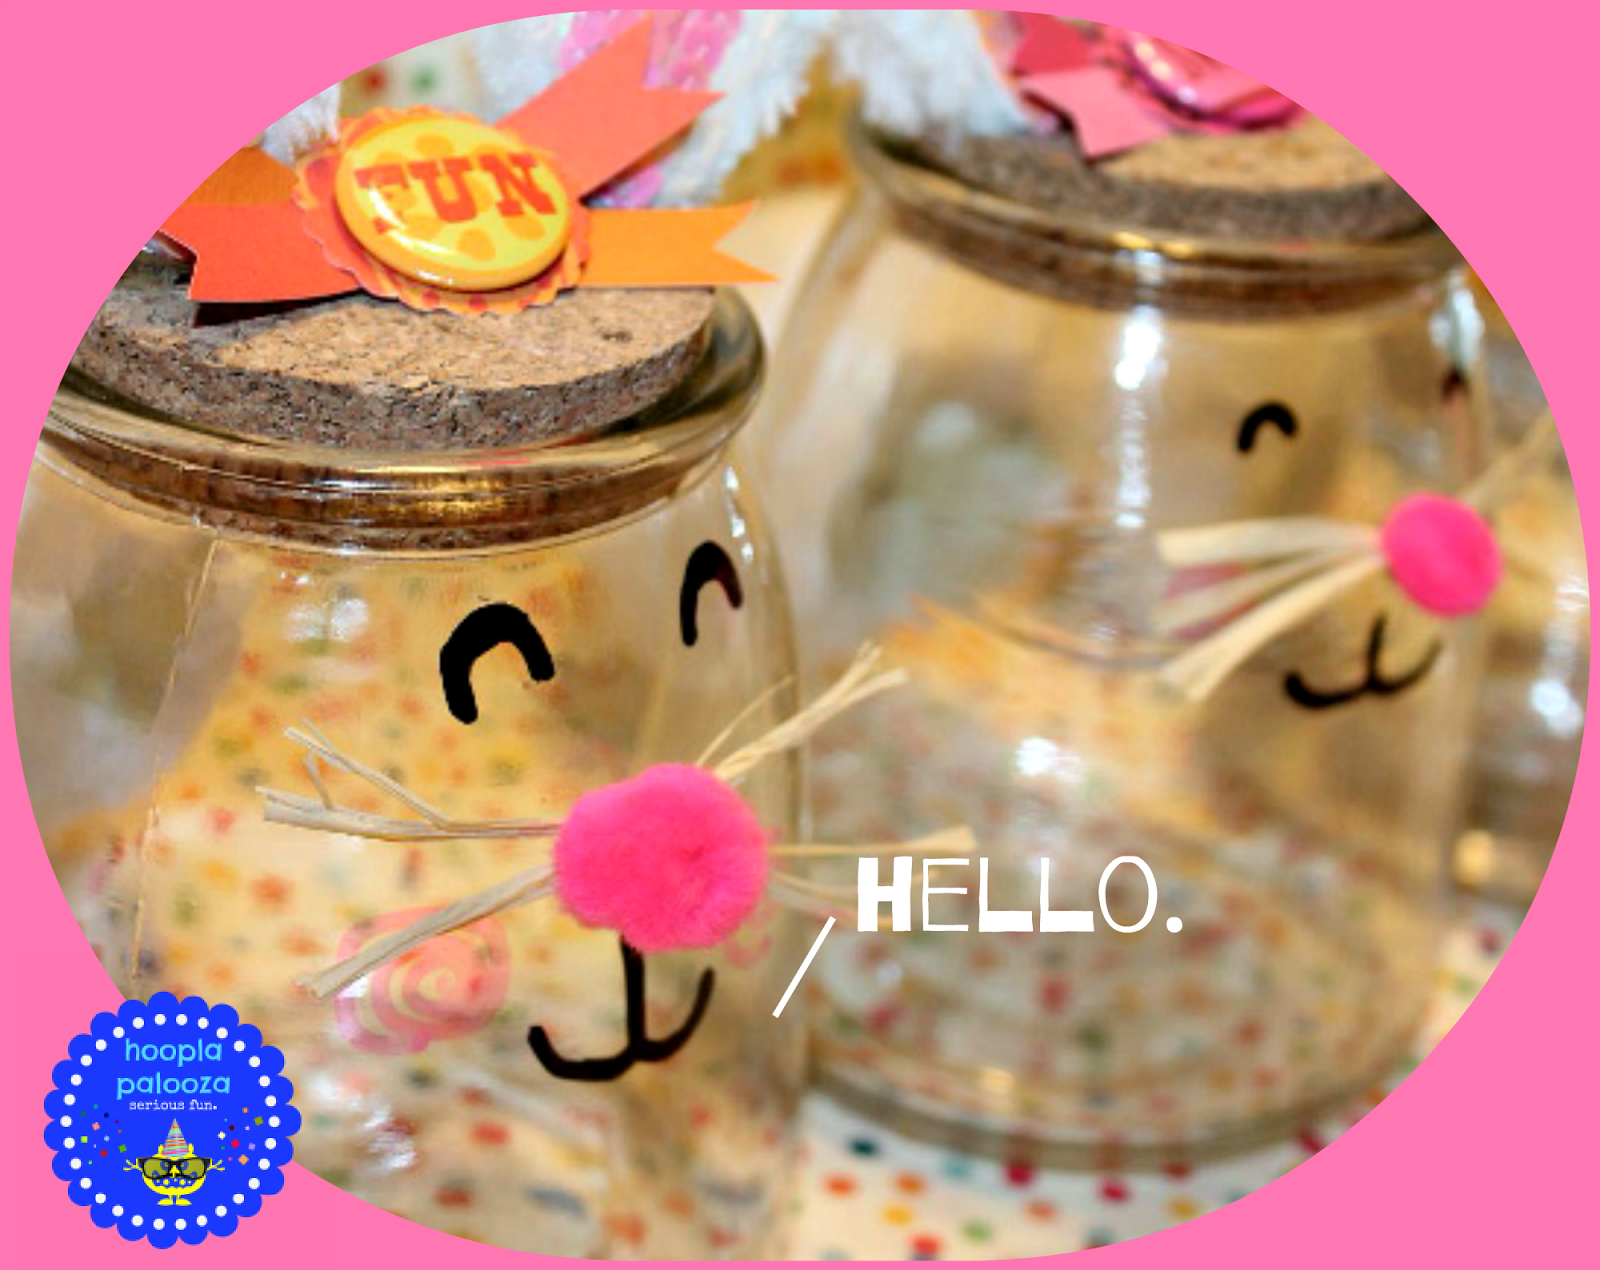 Bunny Jar DIY